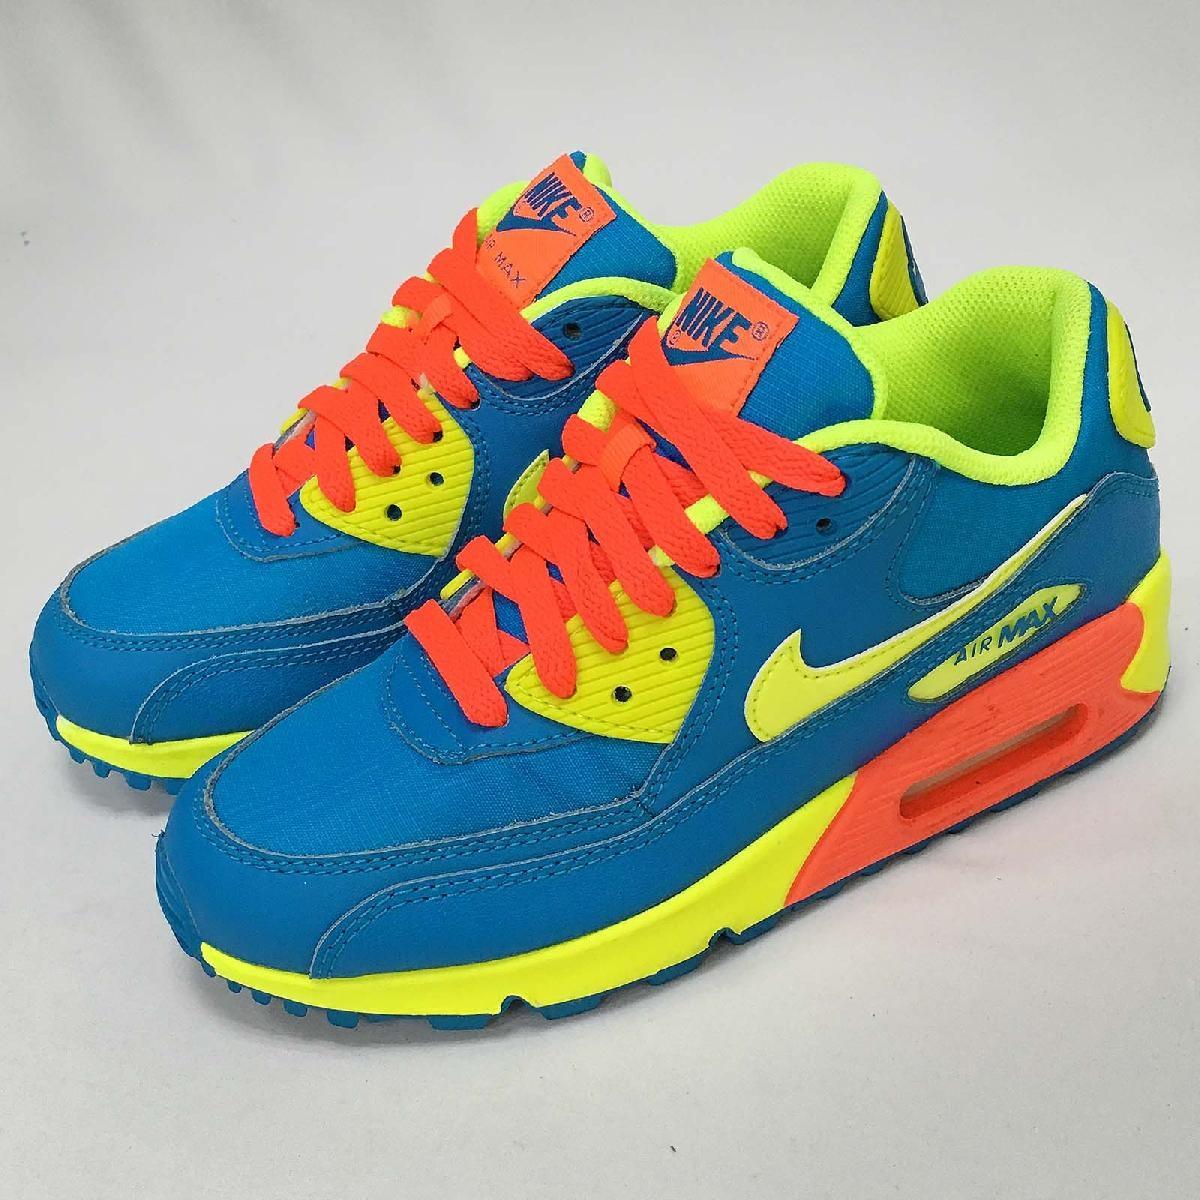 NG出清Nike復古慢跑鞋Air Max 90 GS藍黃運動鞋女鞋大童鞋二手美品微使用痕跡PUMP306